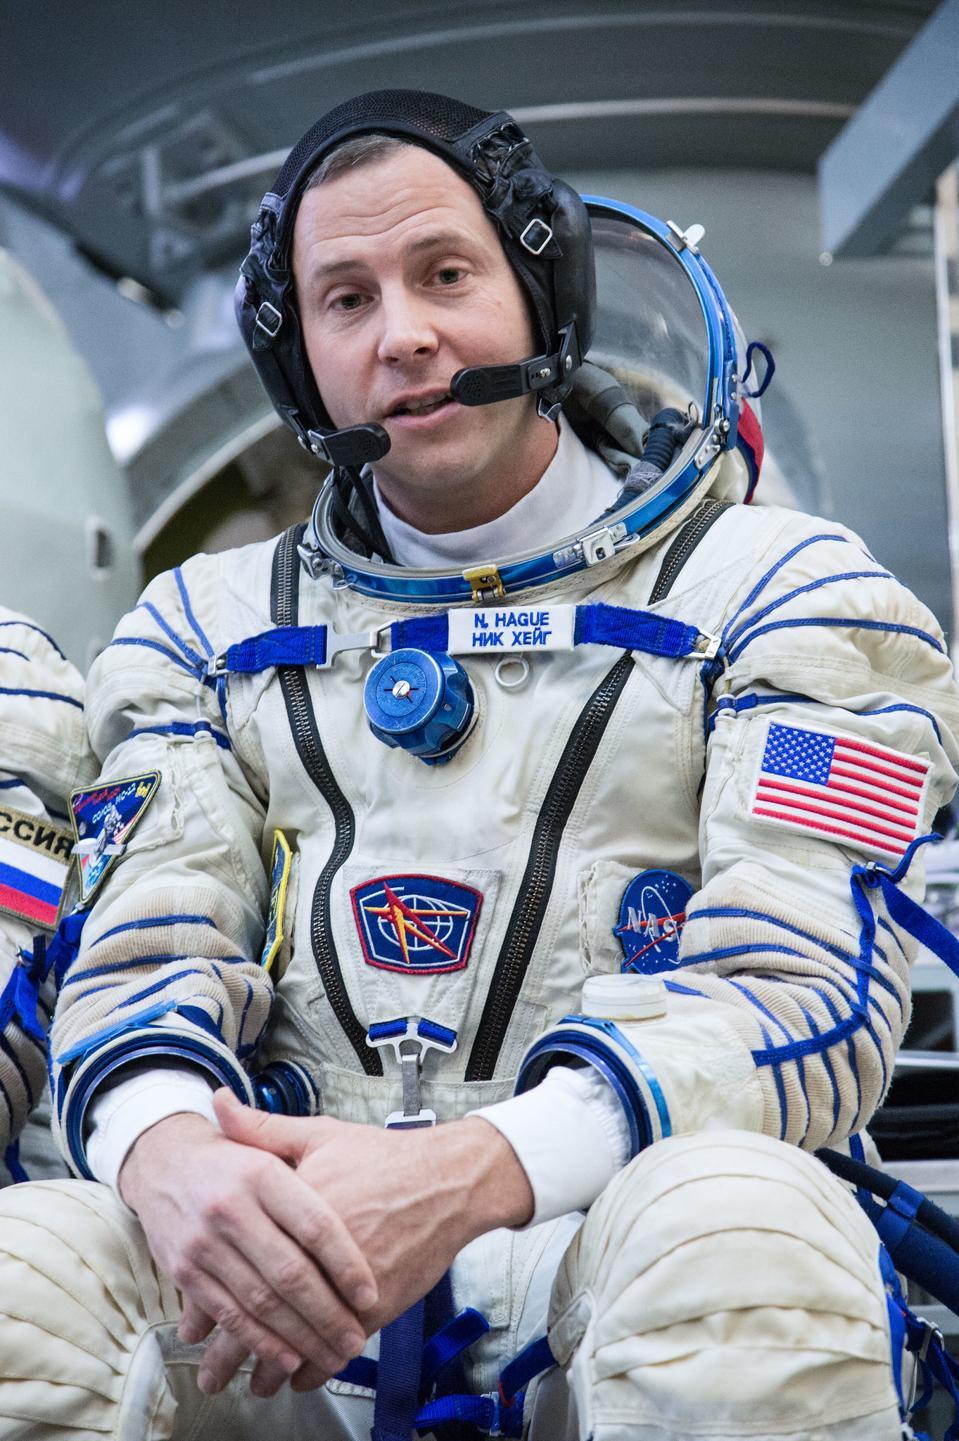 Nick Hague of NASA at the Gagarin Cosmonaut Training Center.